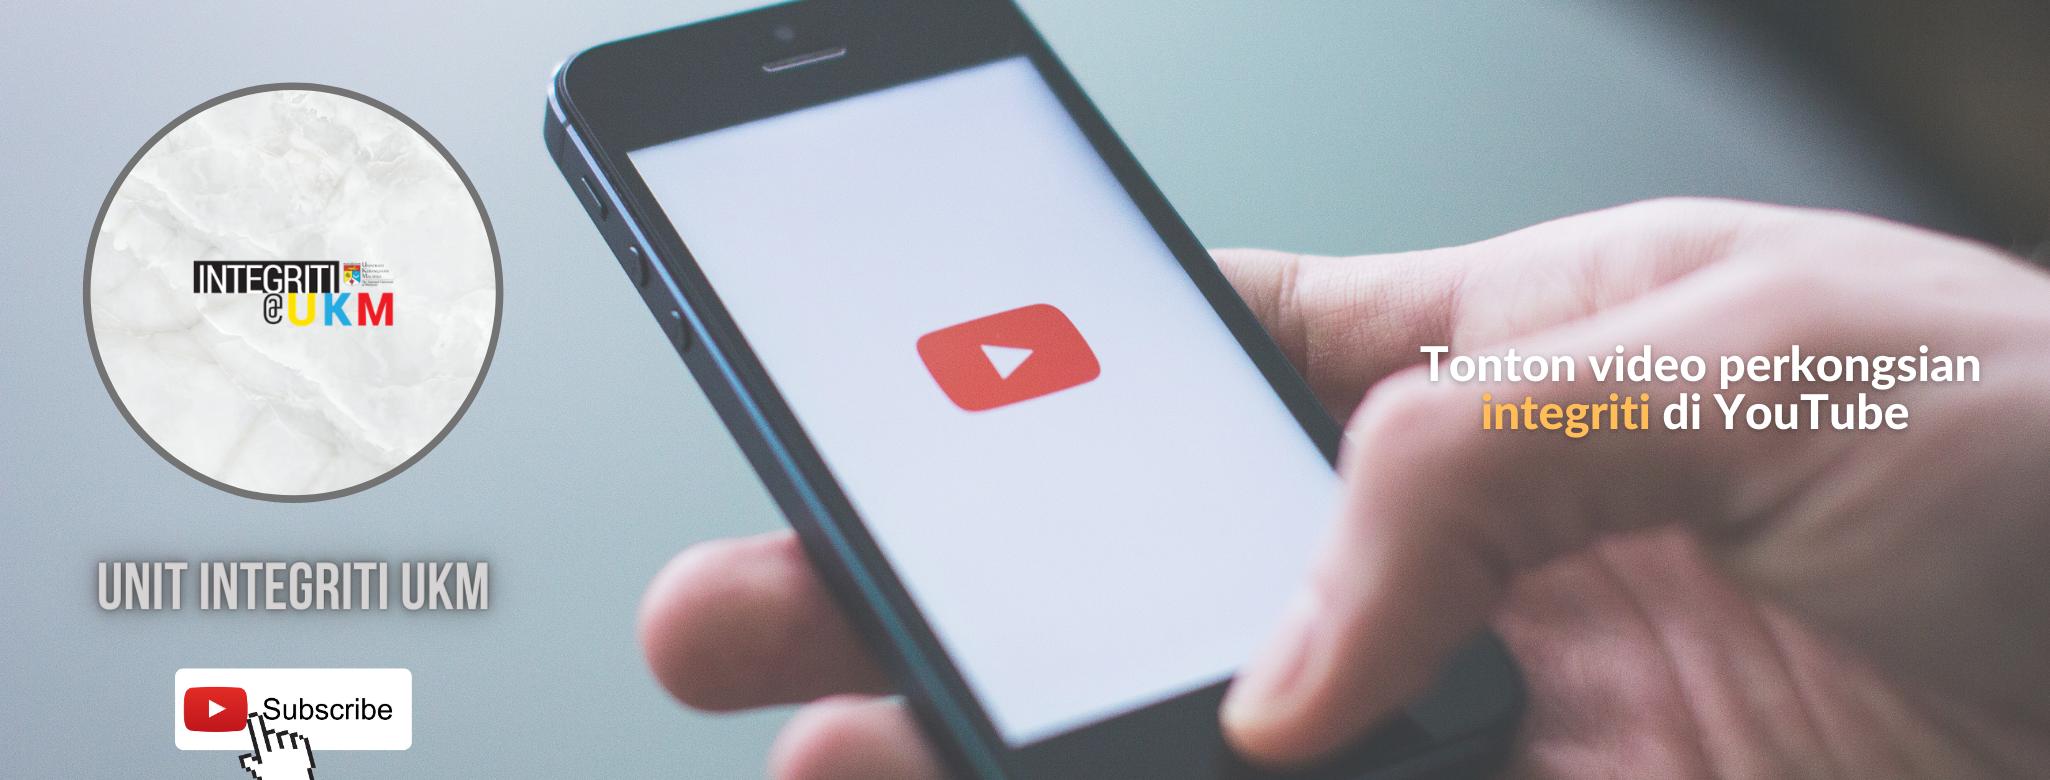 Unit Integriti UKM Youtube